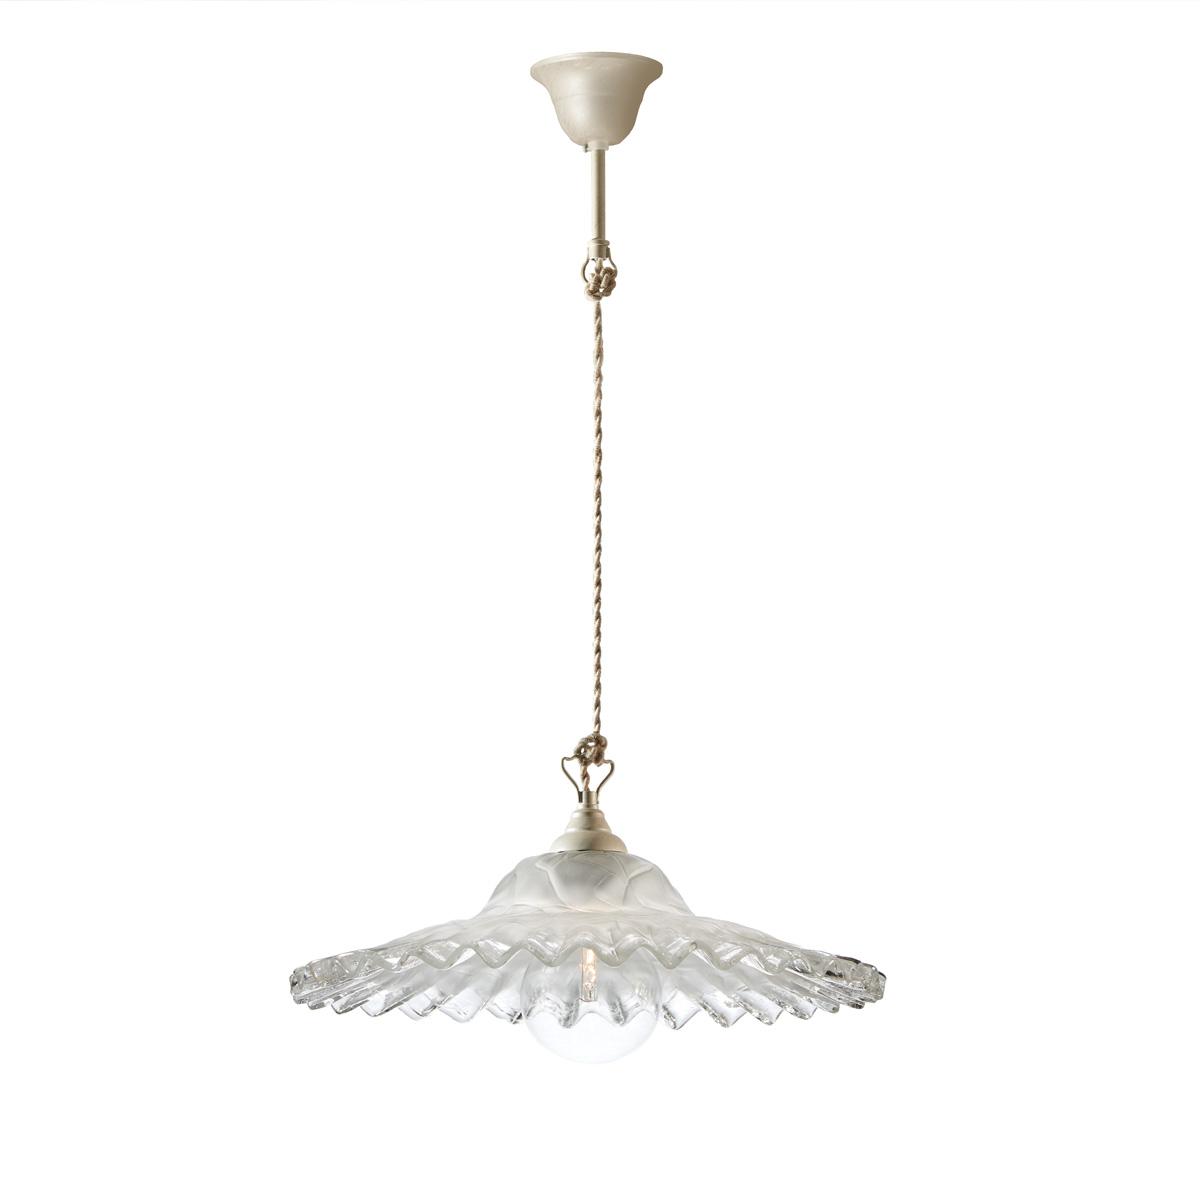 Παραδοσιακό μονόφωτο με λευκό γυαλί Μουράνο ΣΥΡΟΣ white patinated rustic suspension lamp